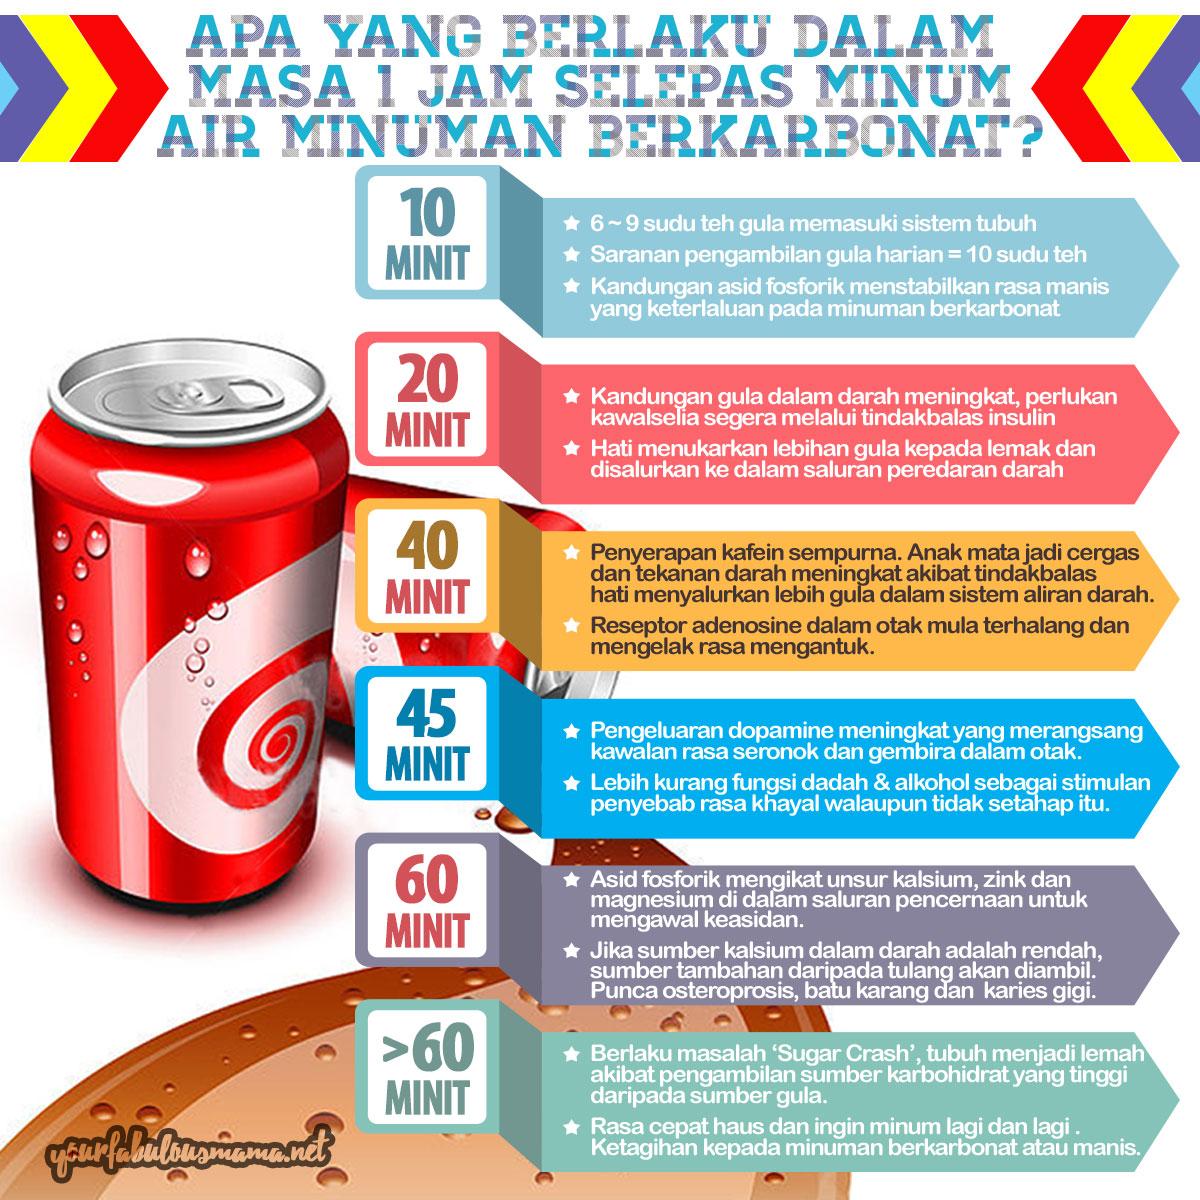 Bahaya Minuman Berkarbonat